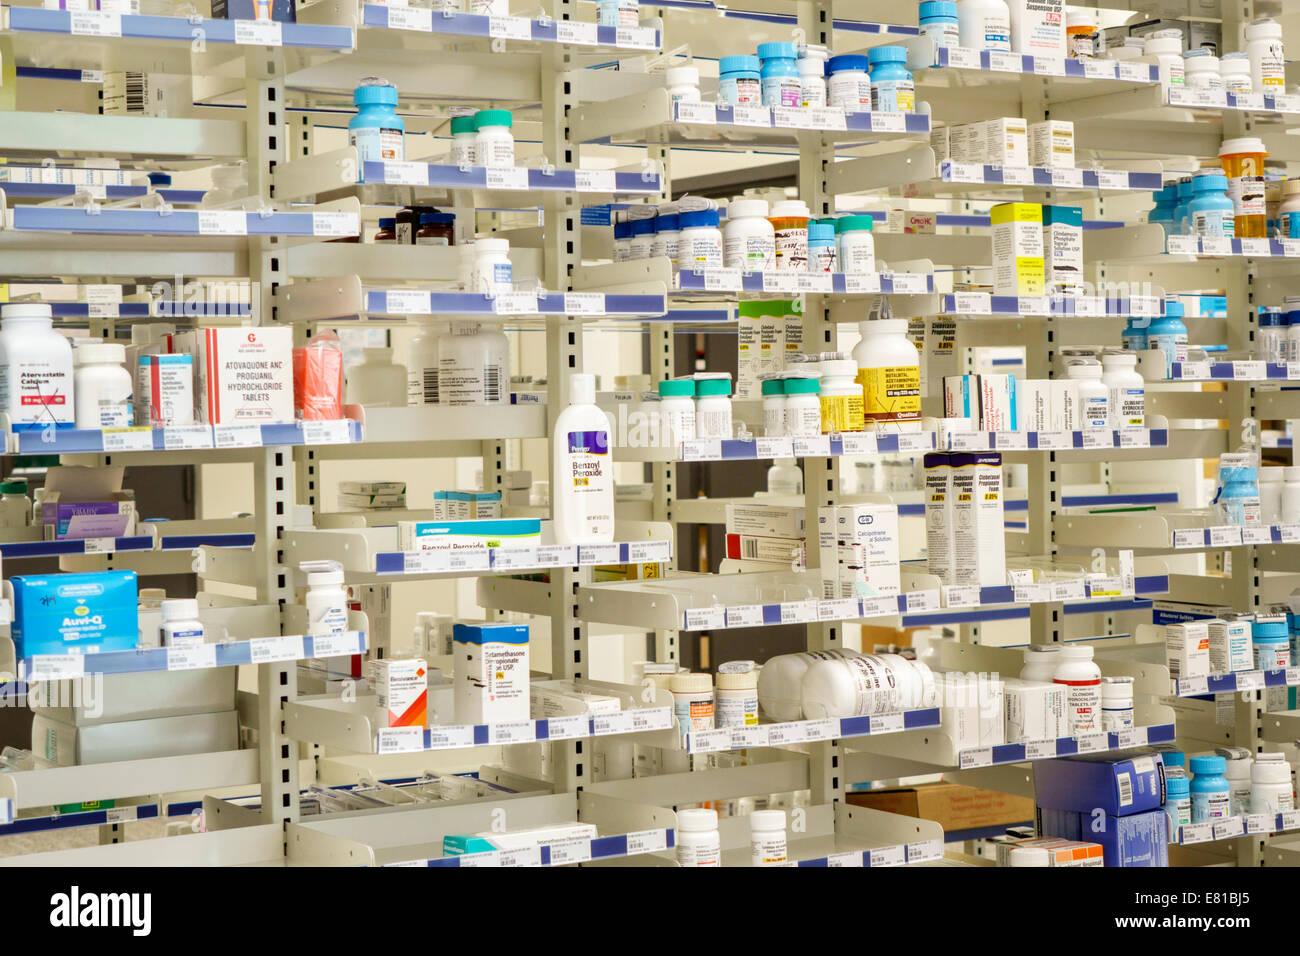 Pharmacy Miami Beach Fl